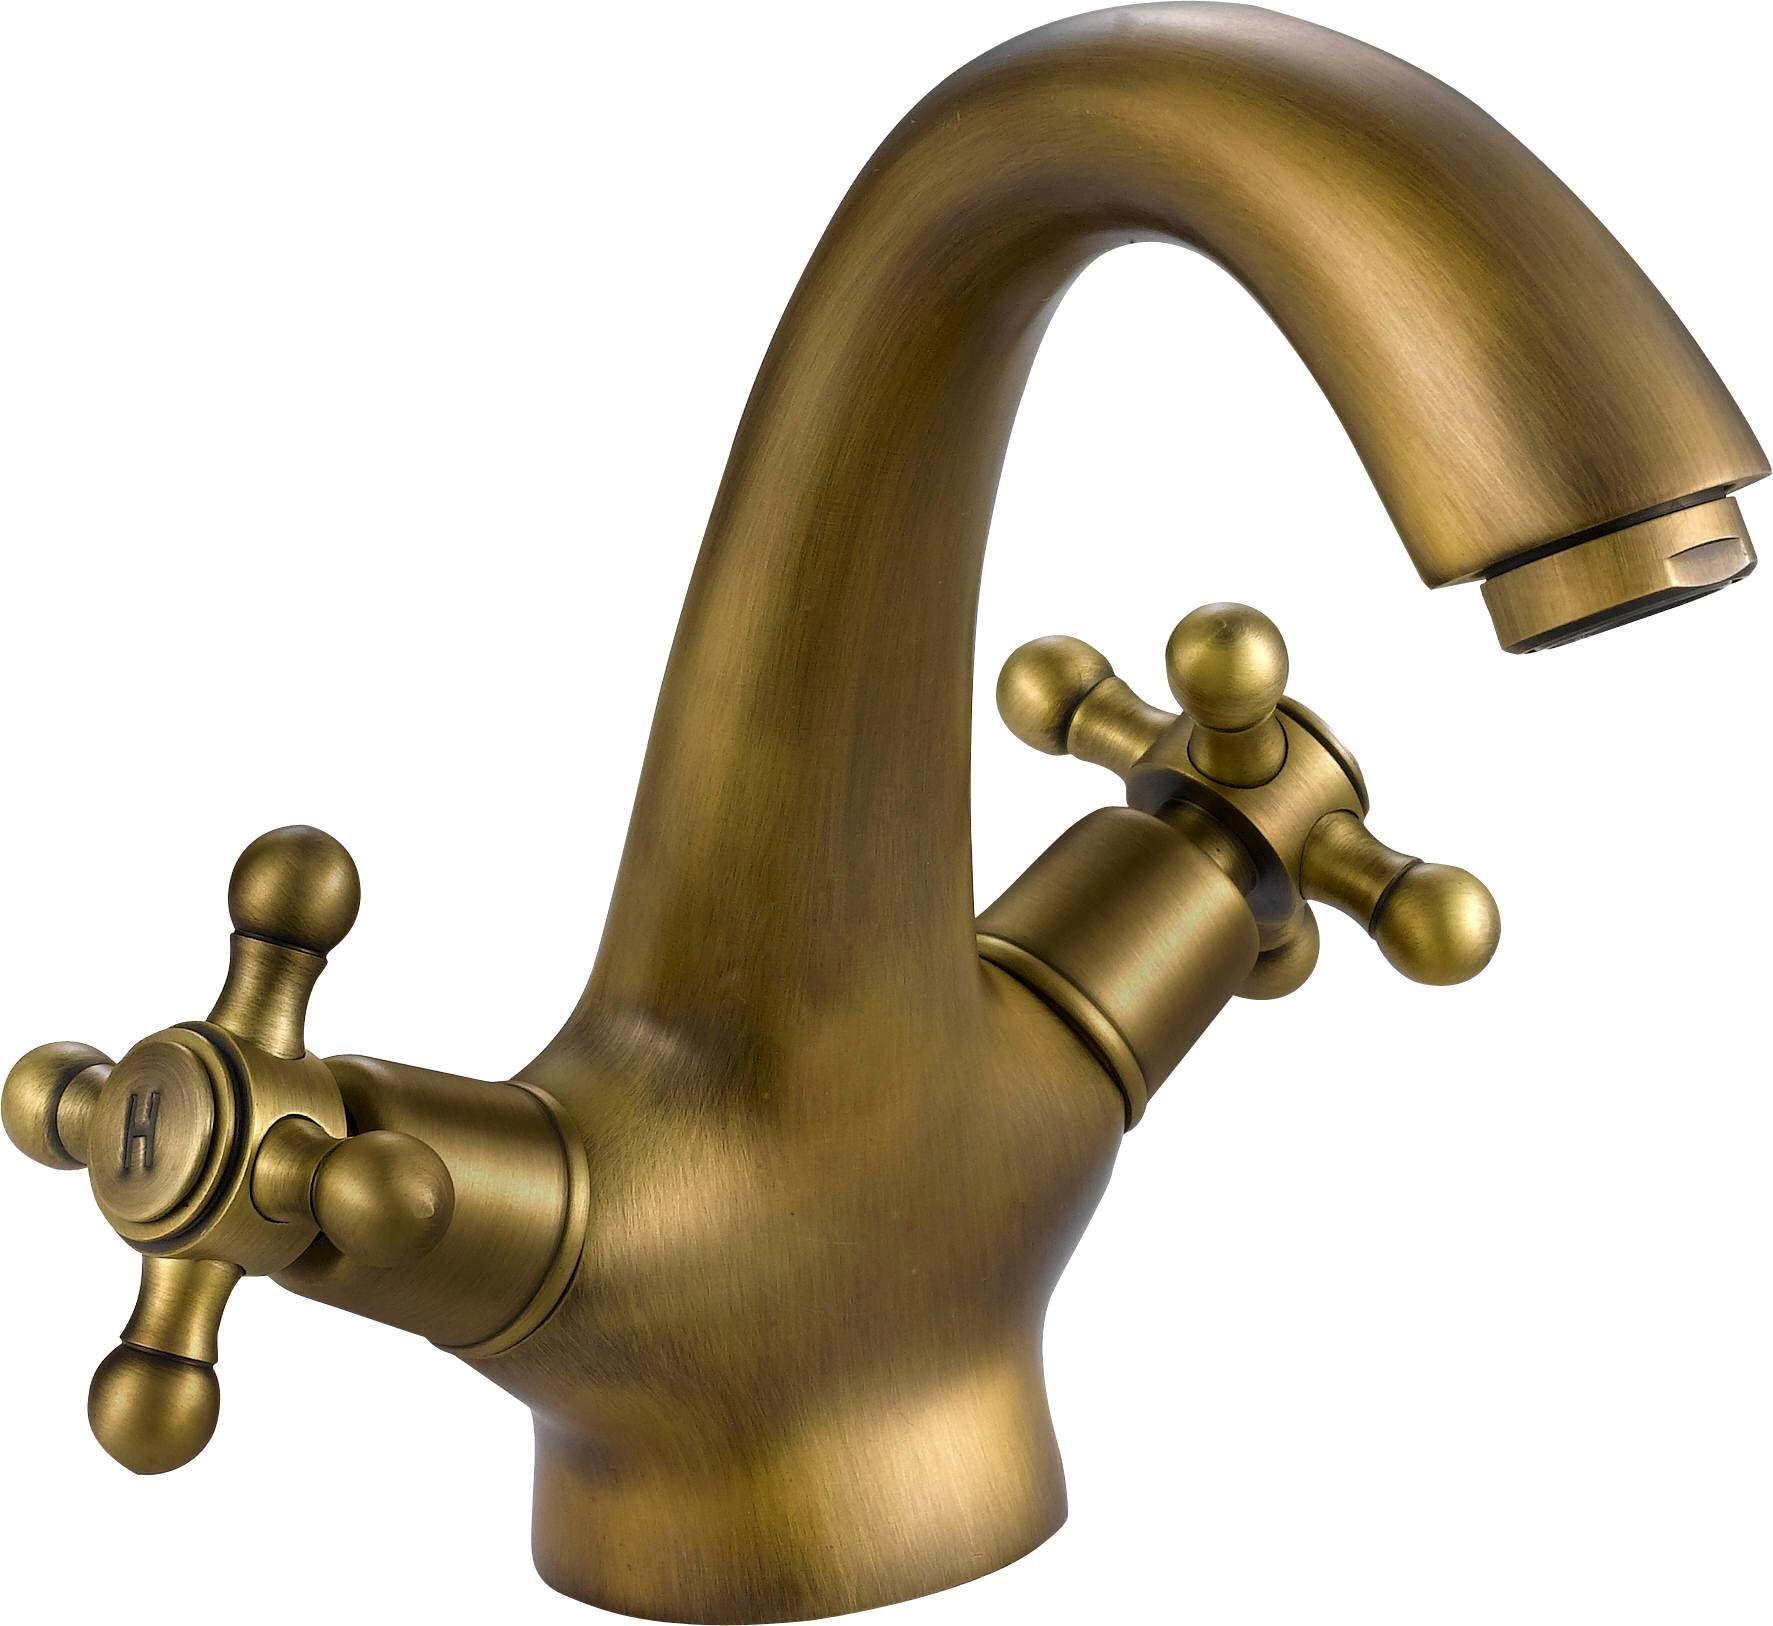 Antique brass bathroom fixtures